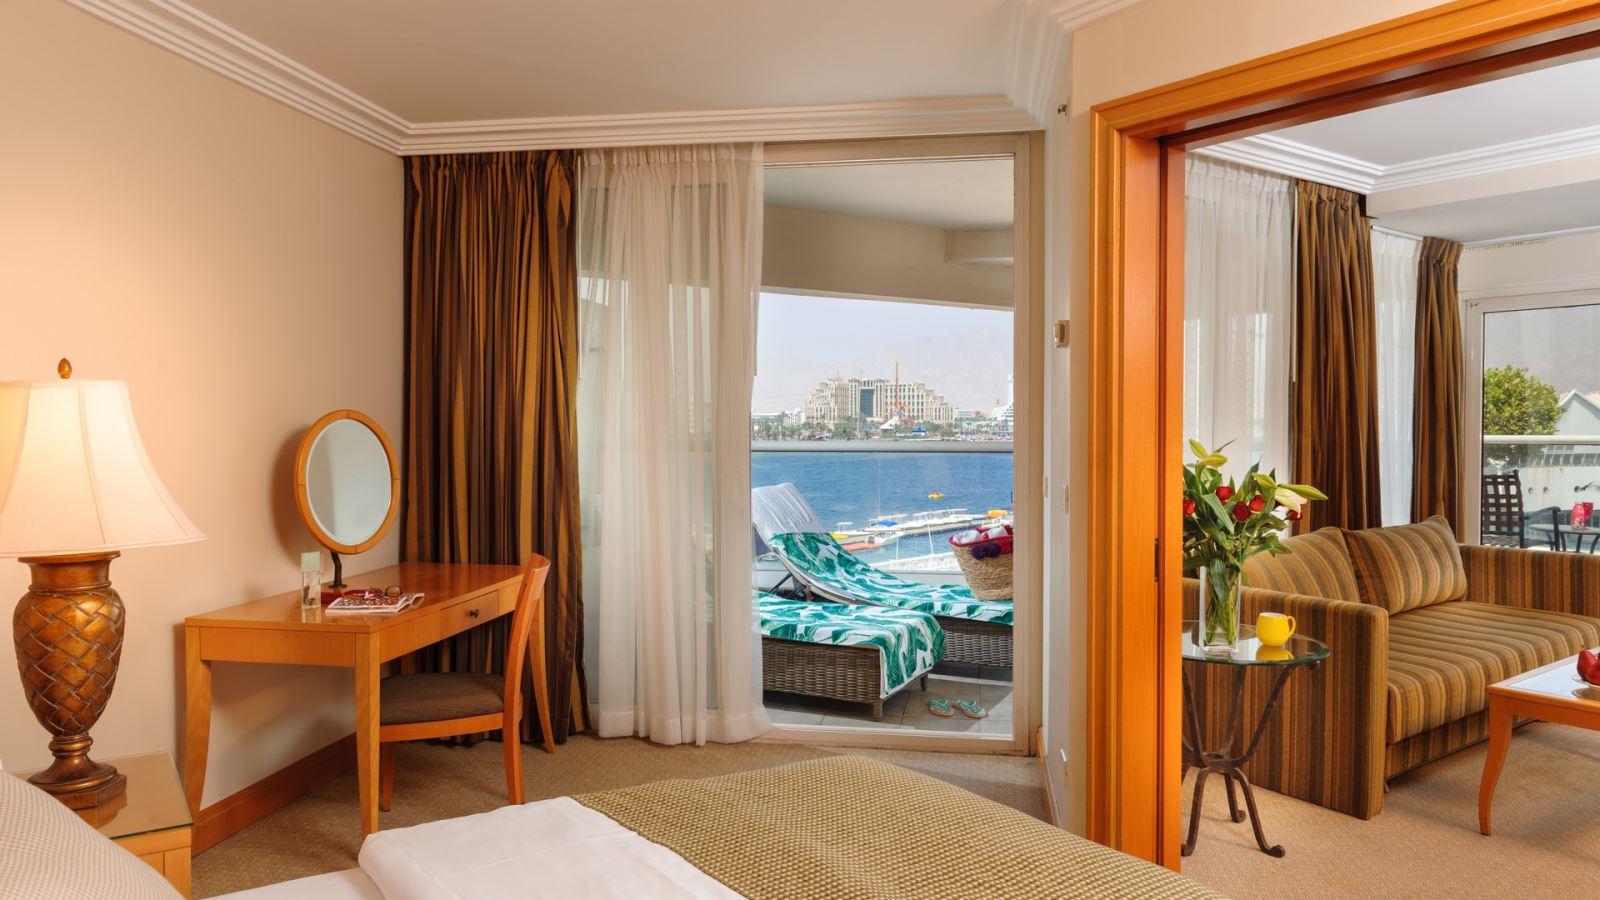 בואו ליהנות ולהתפנק בסוויטות מפוארות במלון ה-U סוויטס ב- 40% הנחה !